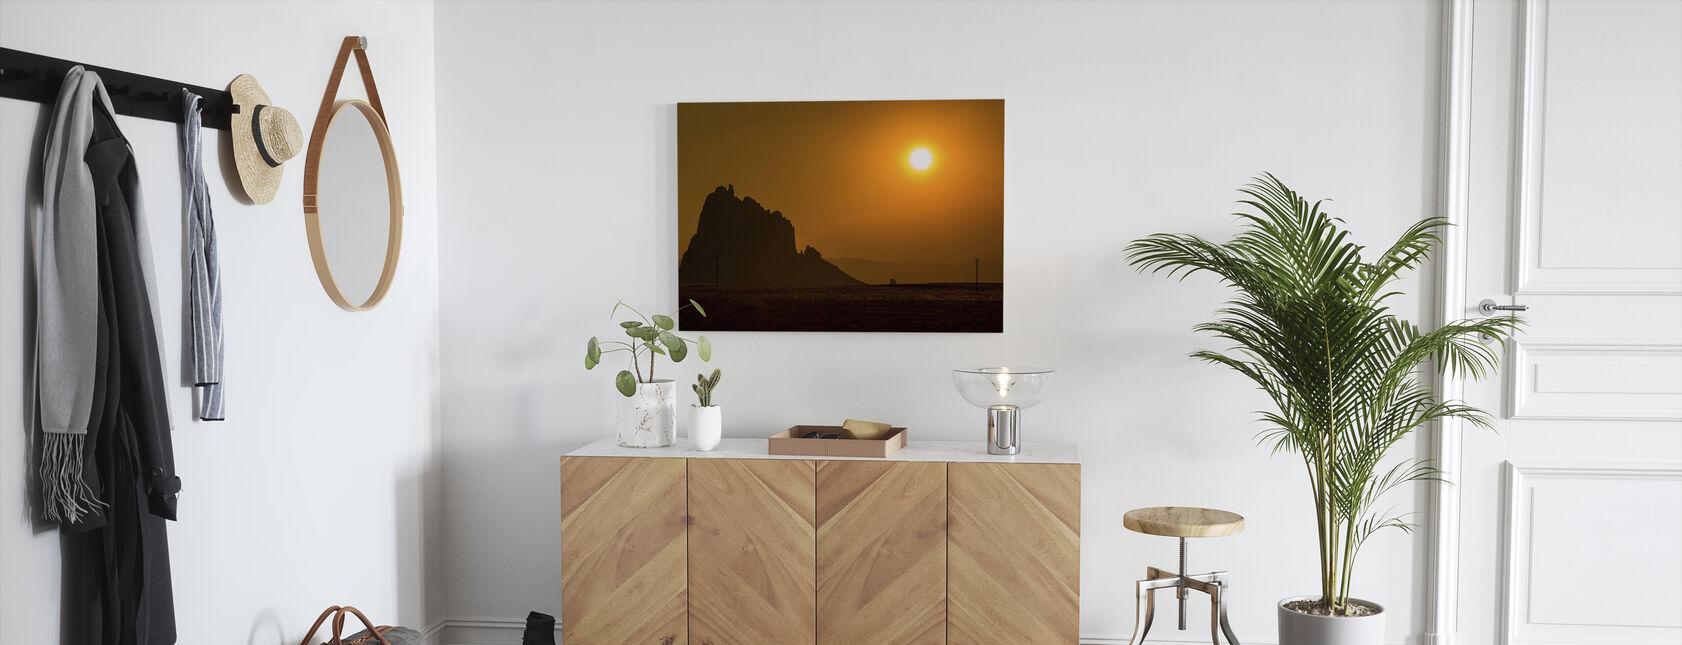 Shiprock ved solnedgang - Lerretsbilde - Gang